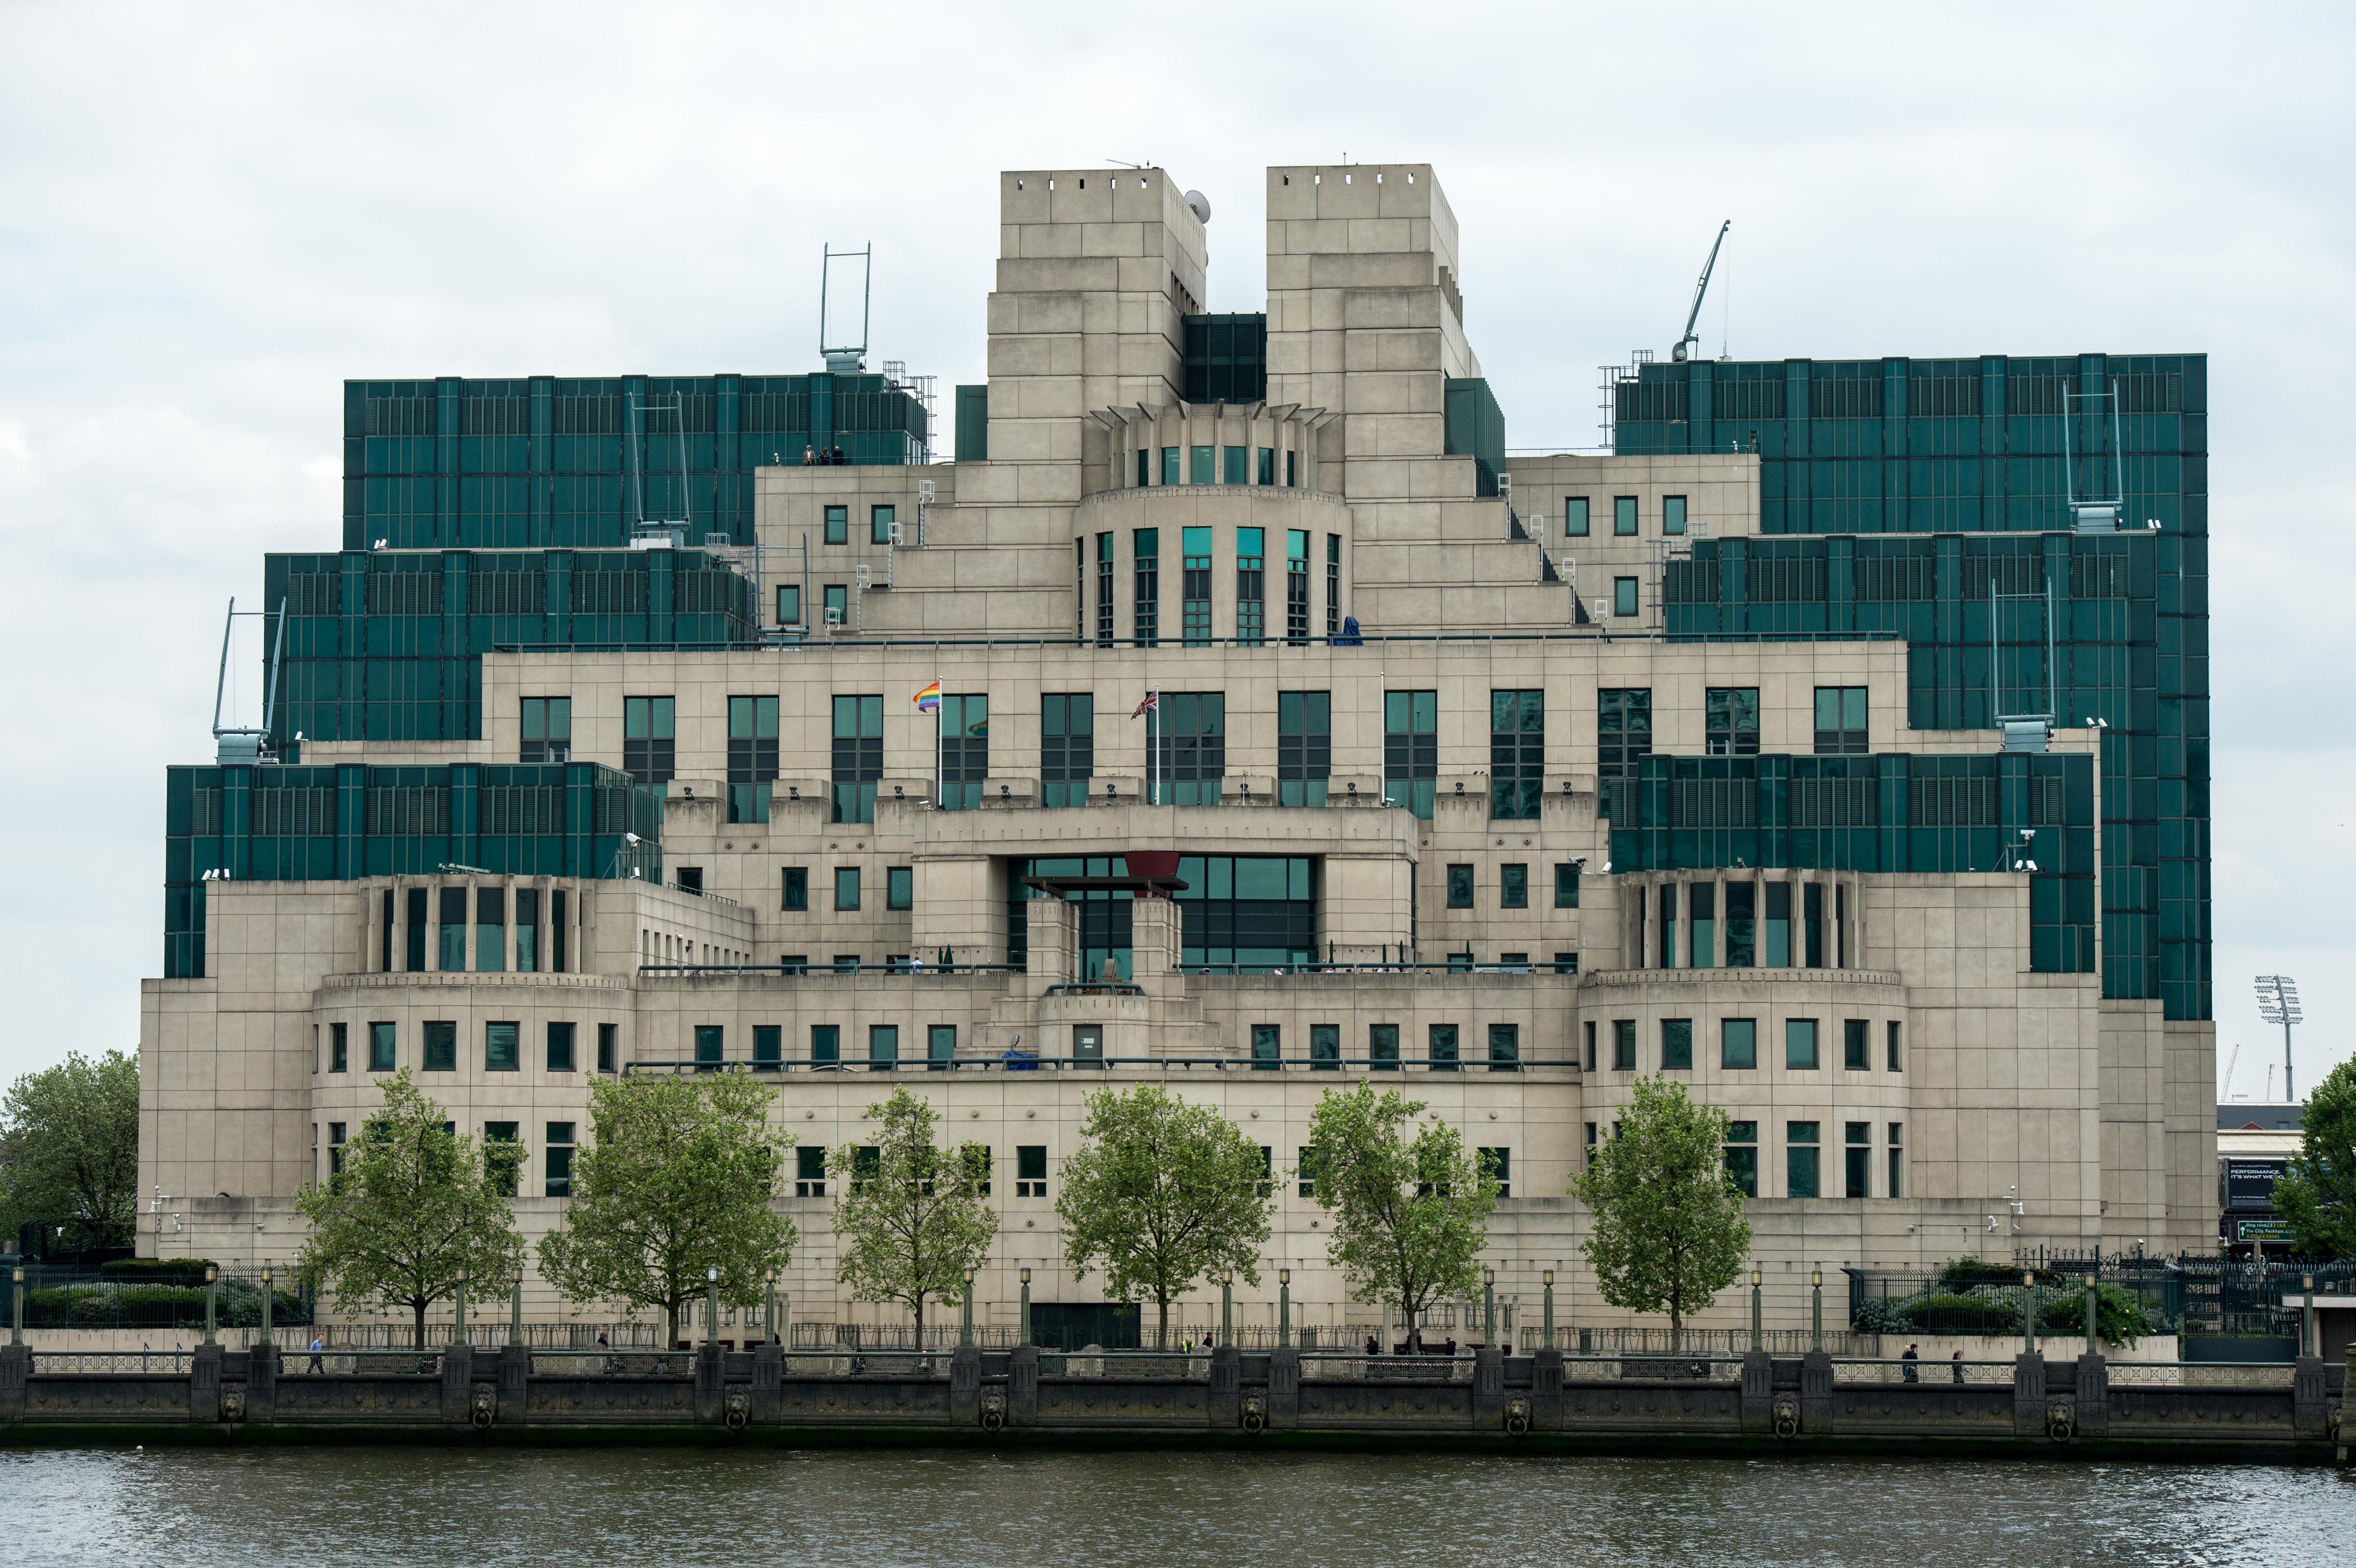 Vista de la sede del Servicio de Inteligencia Británico o MI6 en Londres. (Crédito: Chris Ratcliffe/Getty Images)